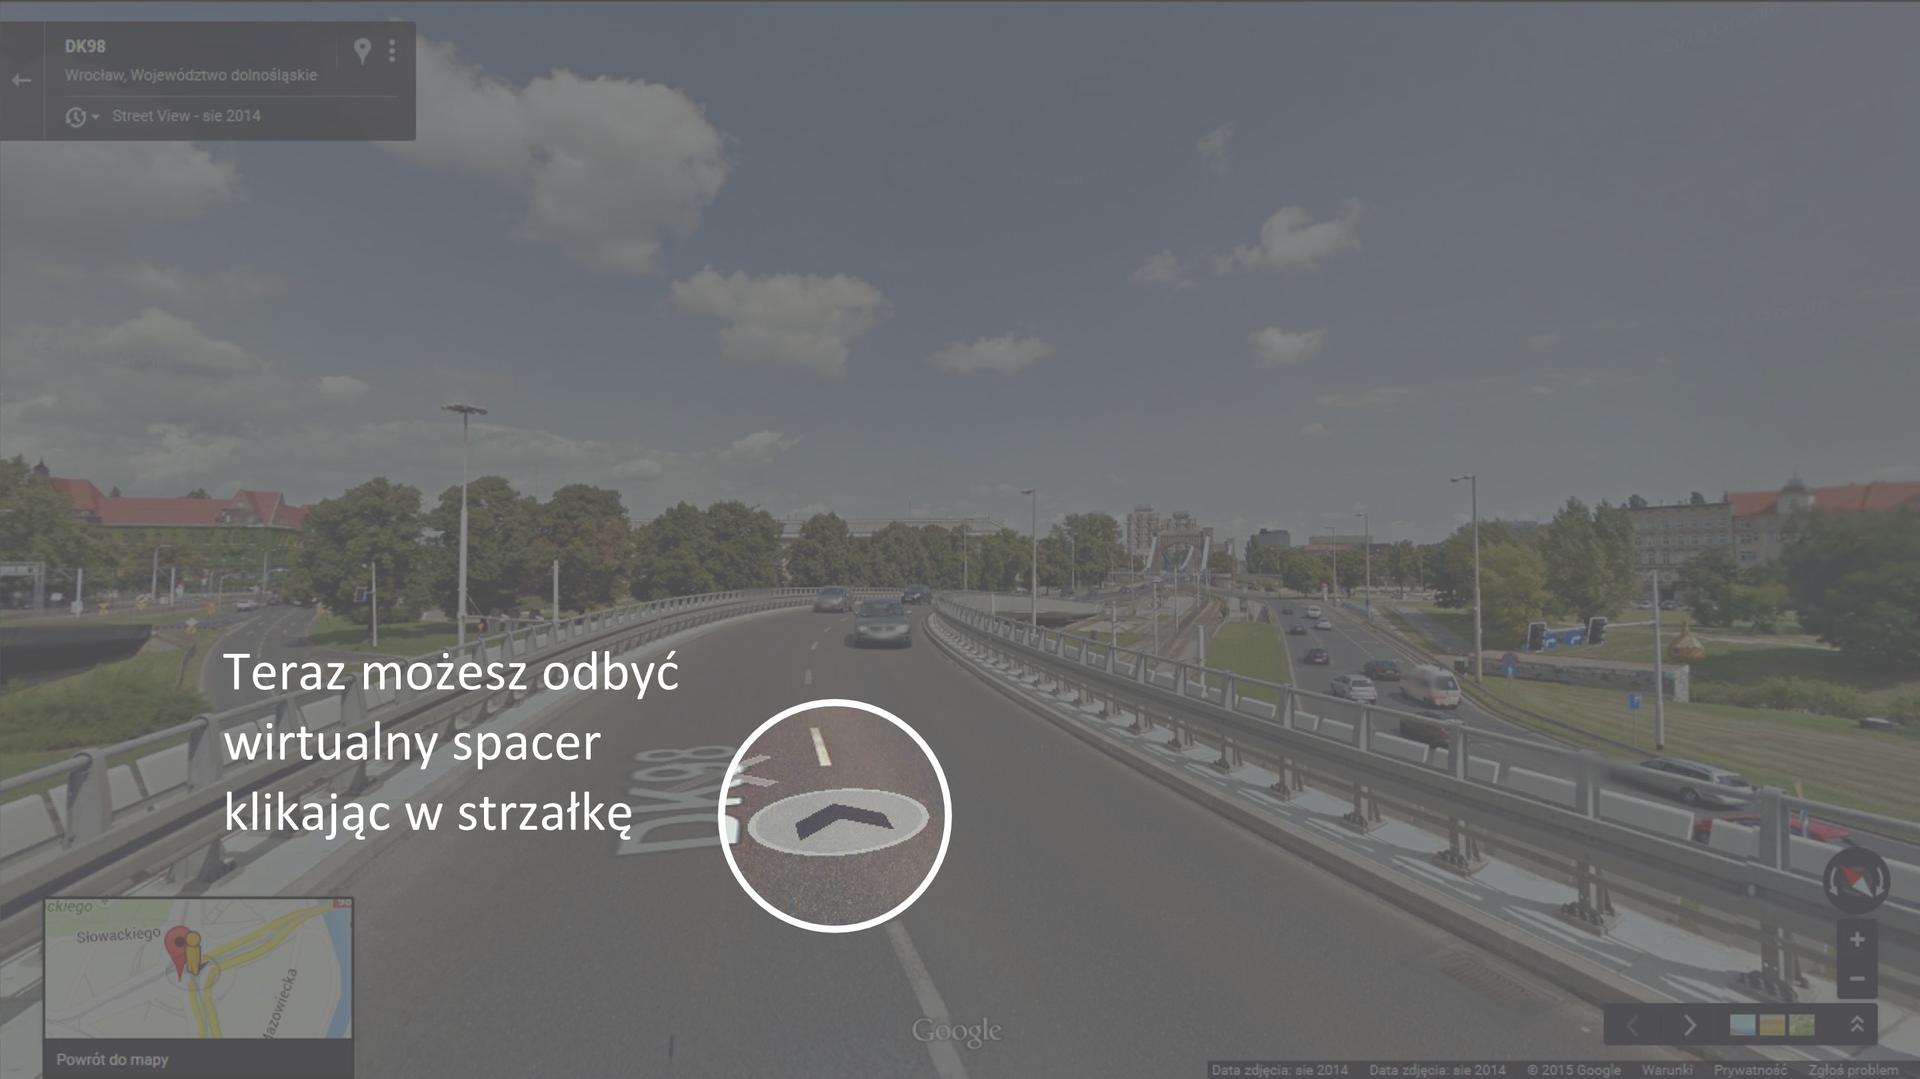 Druga ilustracja przedstawia sposób korzystania zaplikacji internetowej Google Street View.